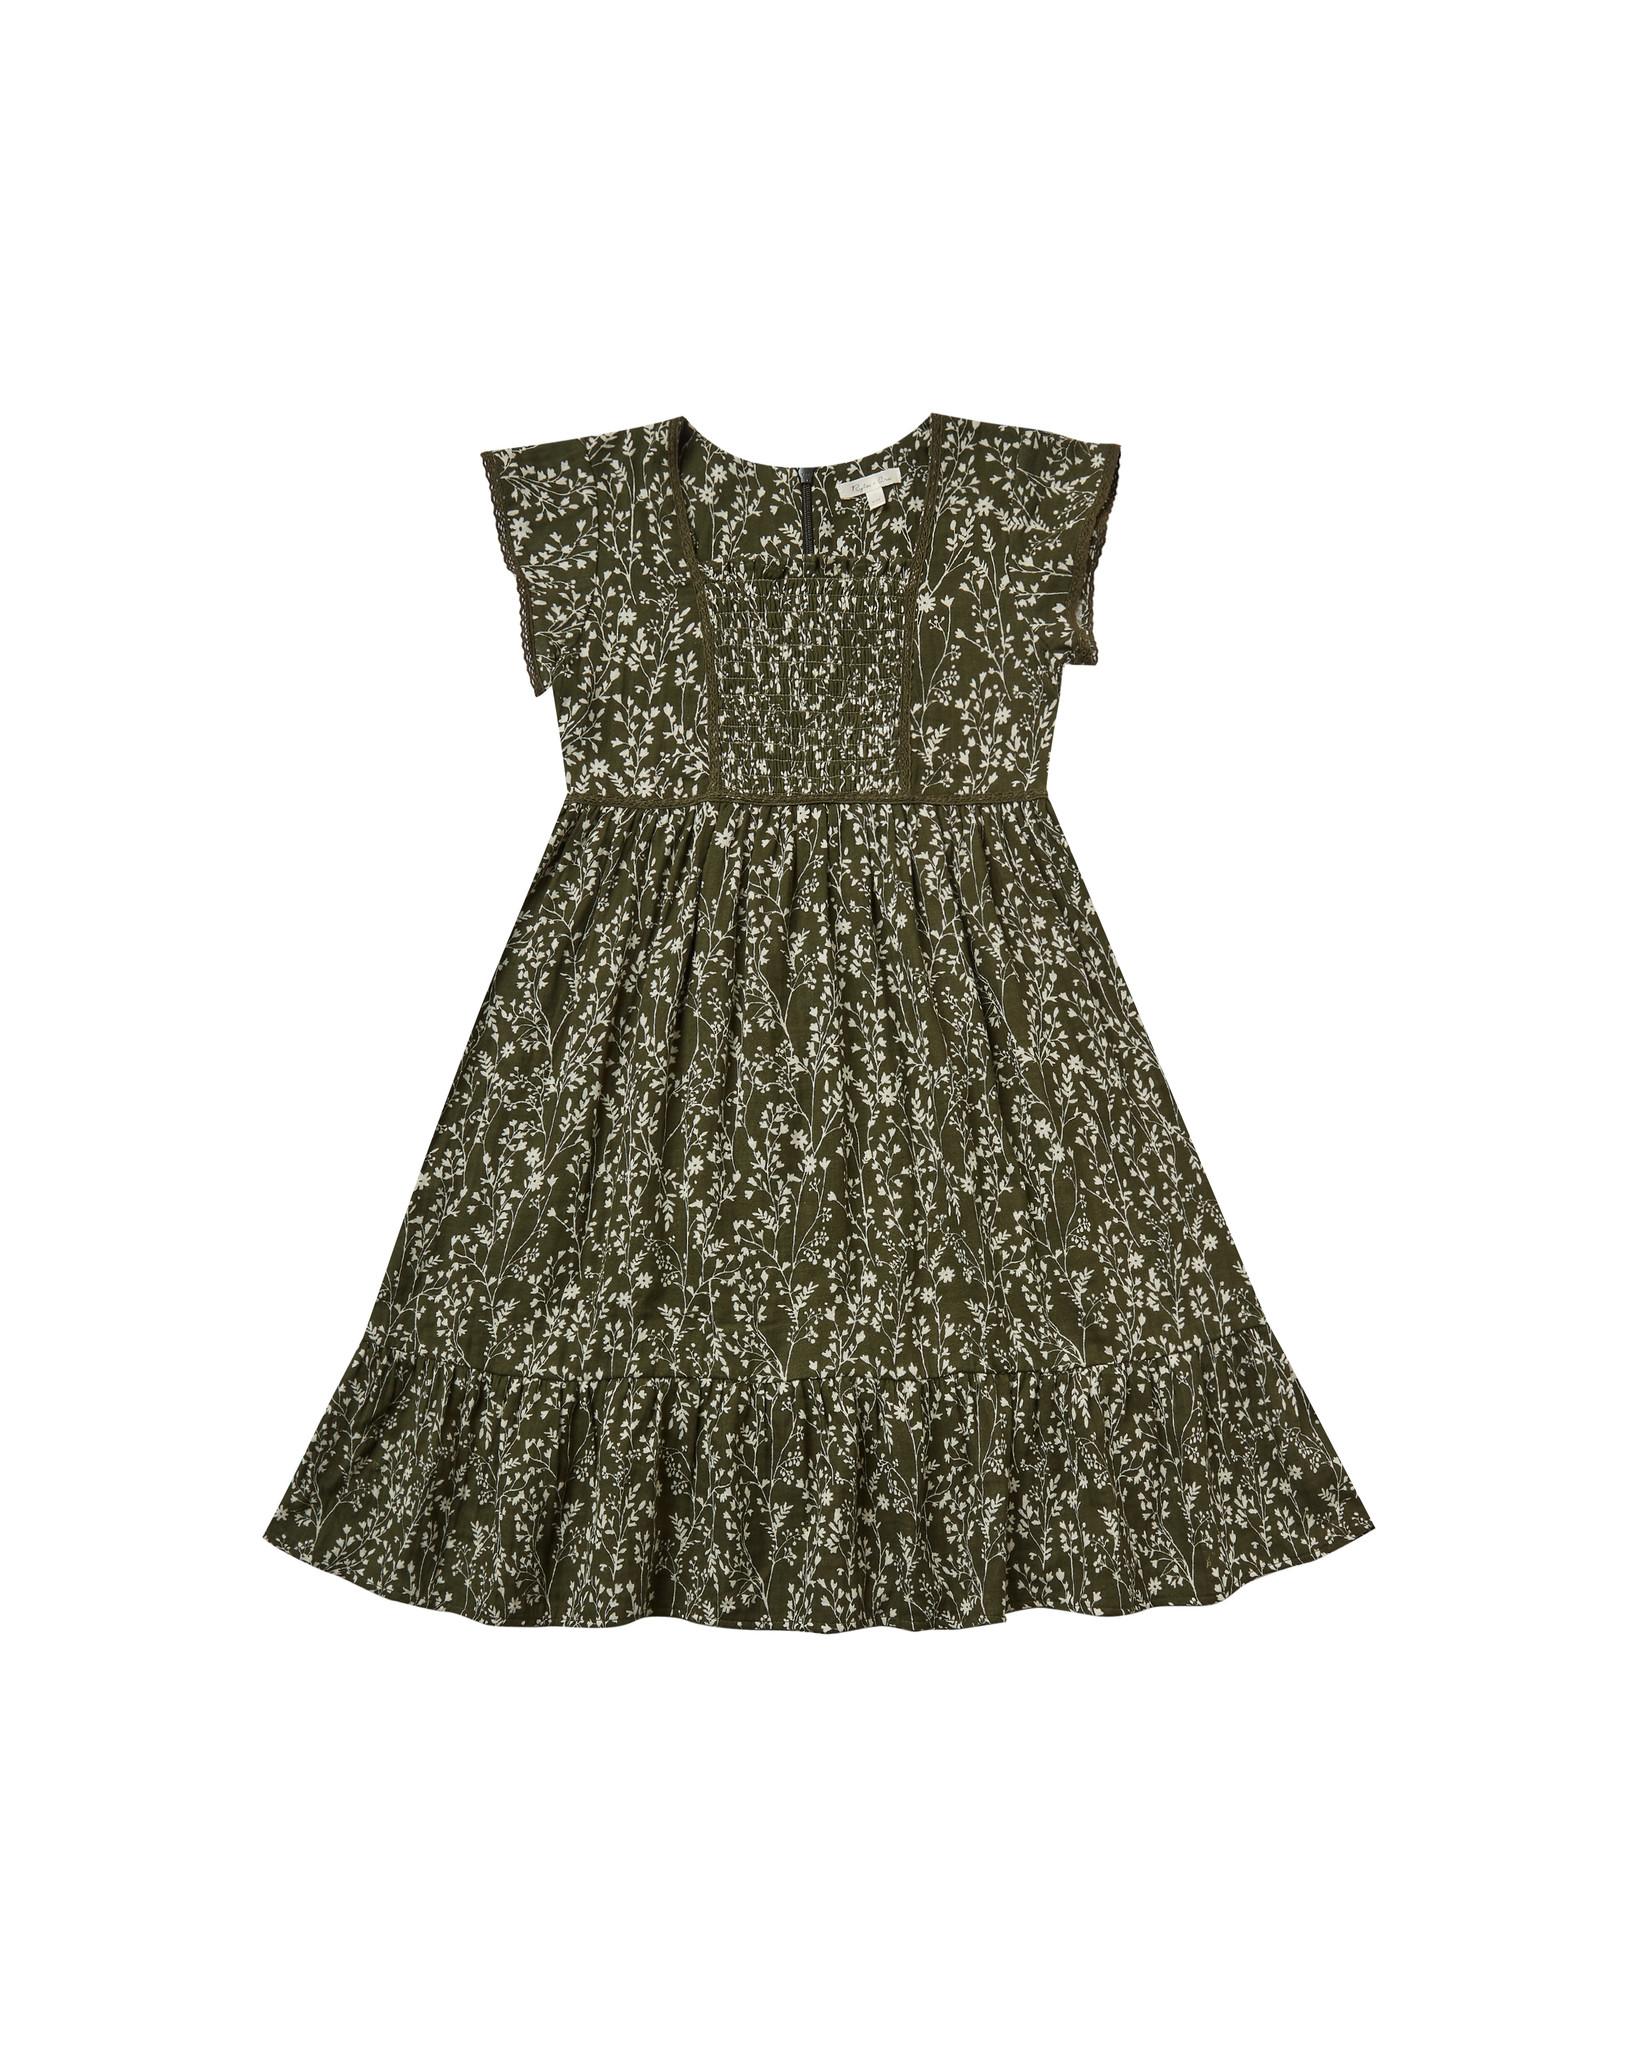 Rylee & Cru Vines Madeline Dress